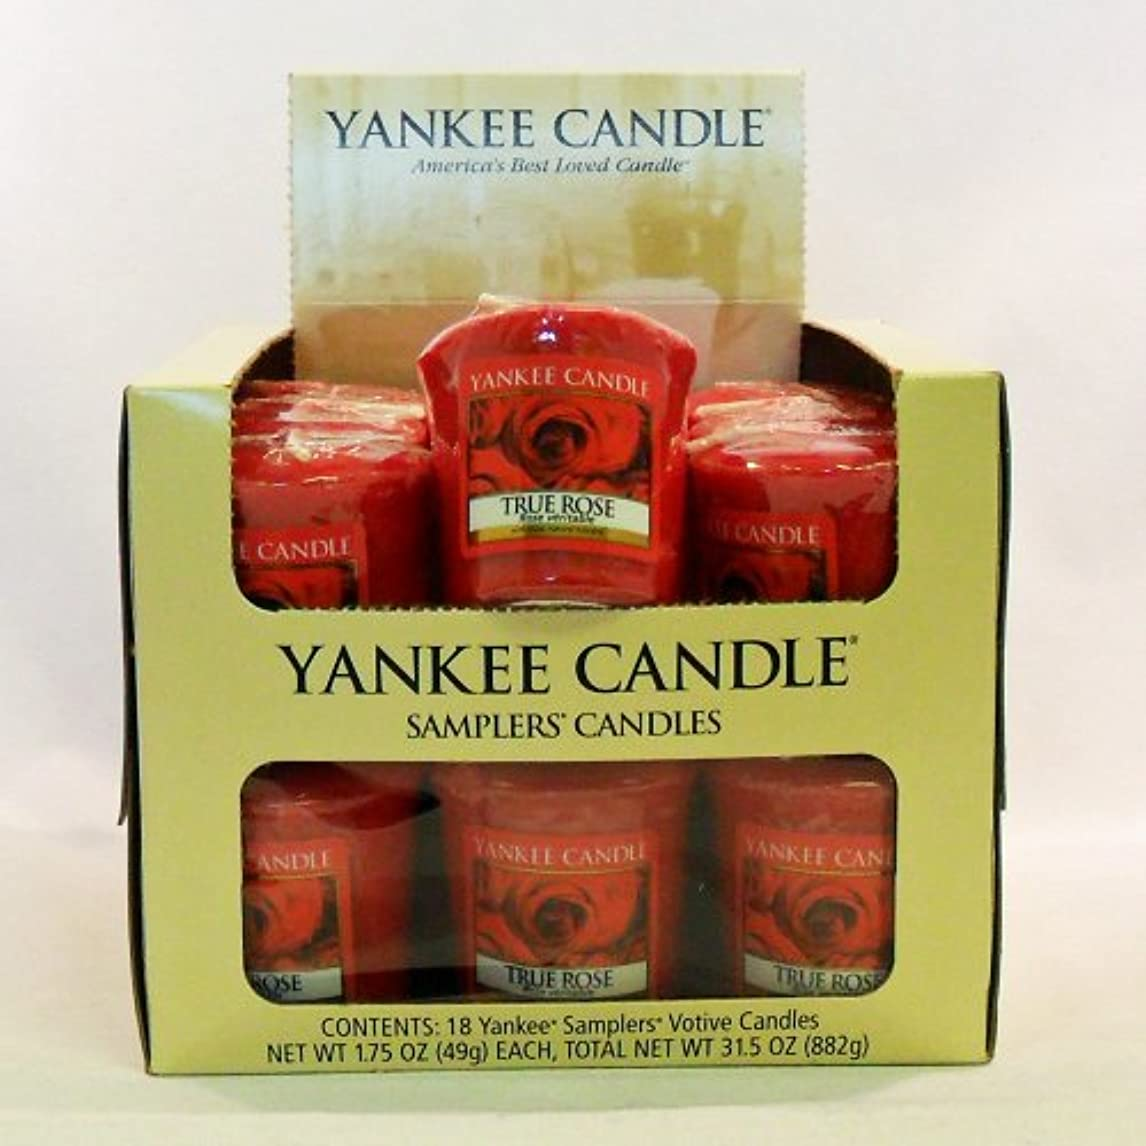 征服者ベール悲鳴Yankee candle-18 X TrueローズVotiveサンプラーキャンドル – 新しい香りfor 2012 。